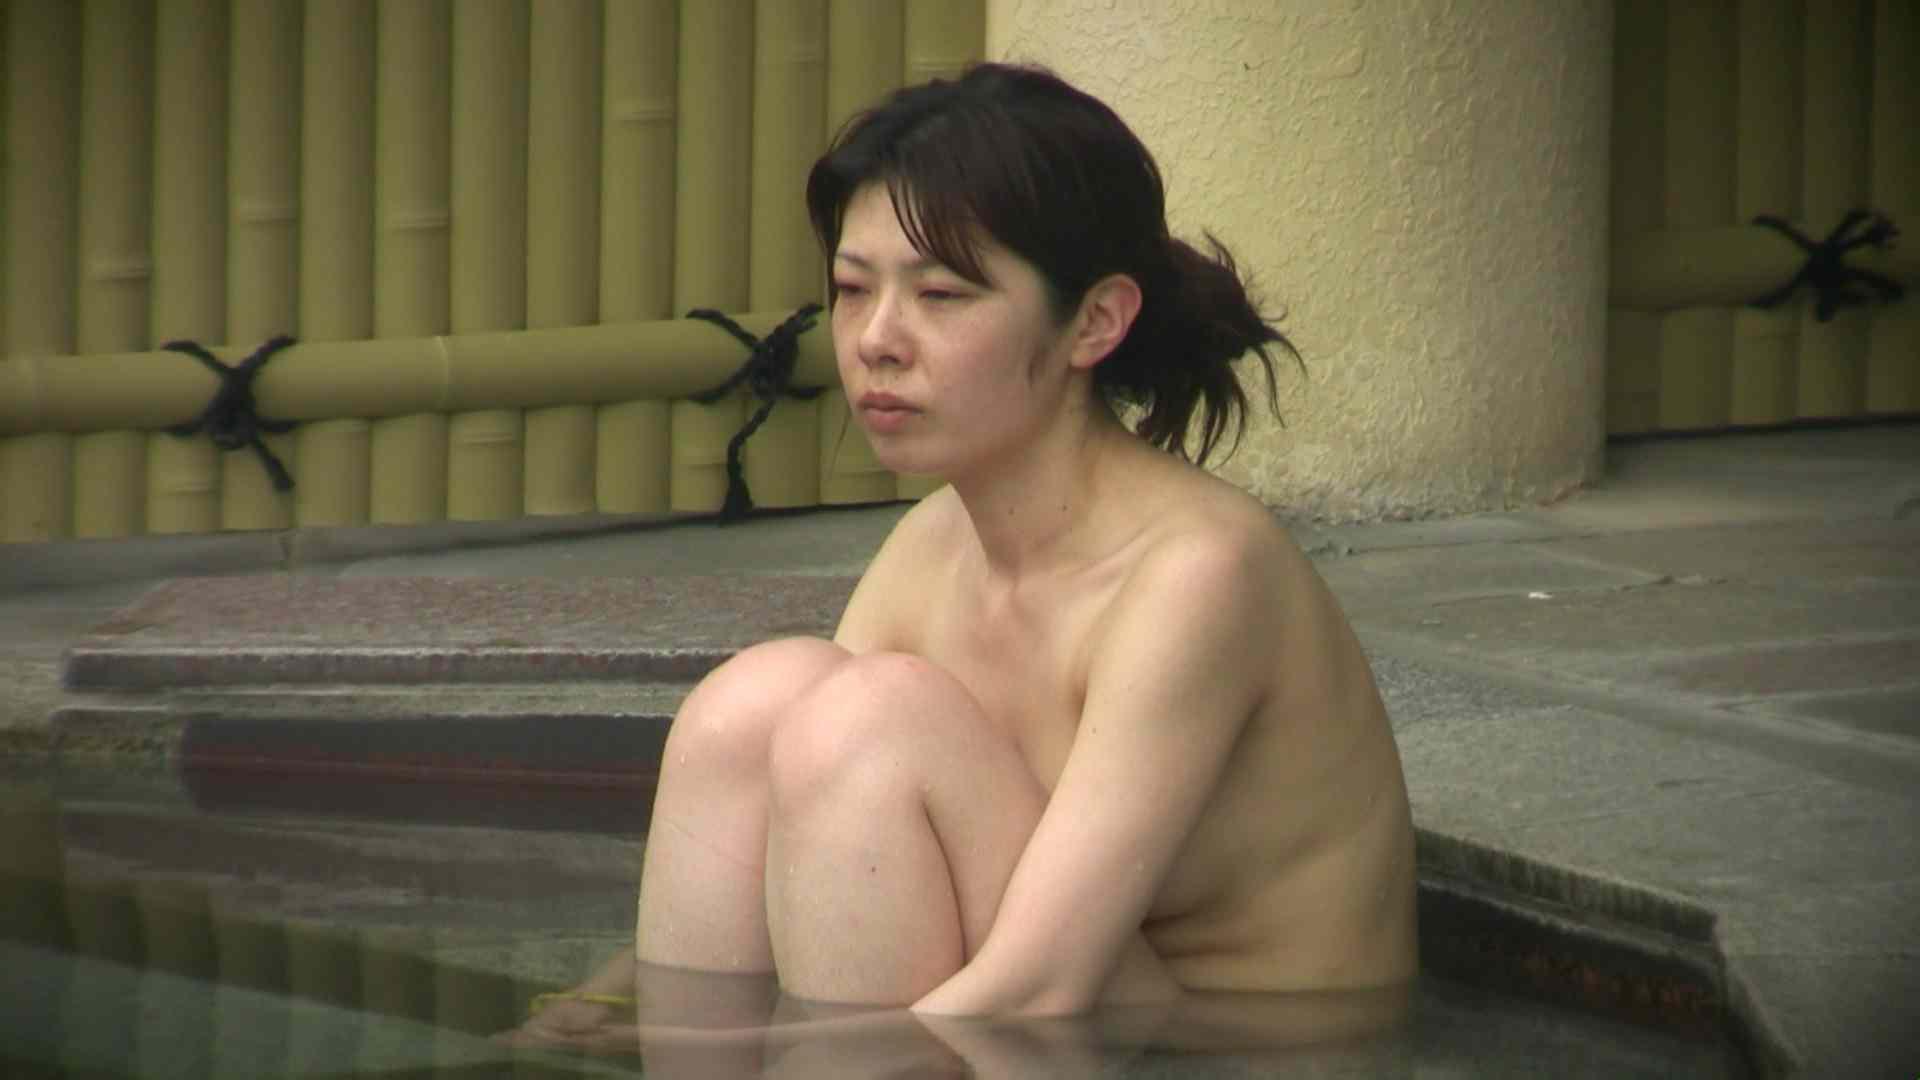 Aquaな露天風呂Vol.676 盗撮シリーズ  83PIX 56